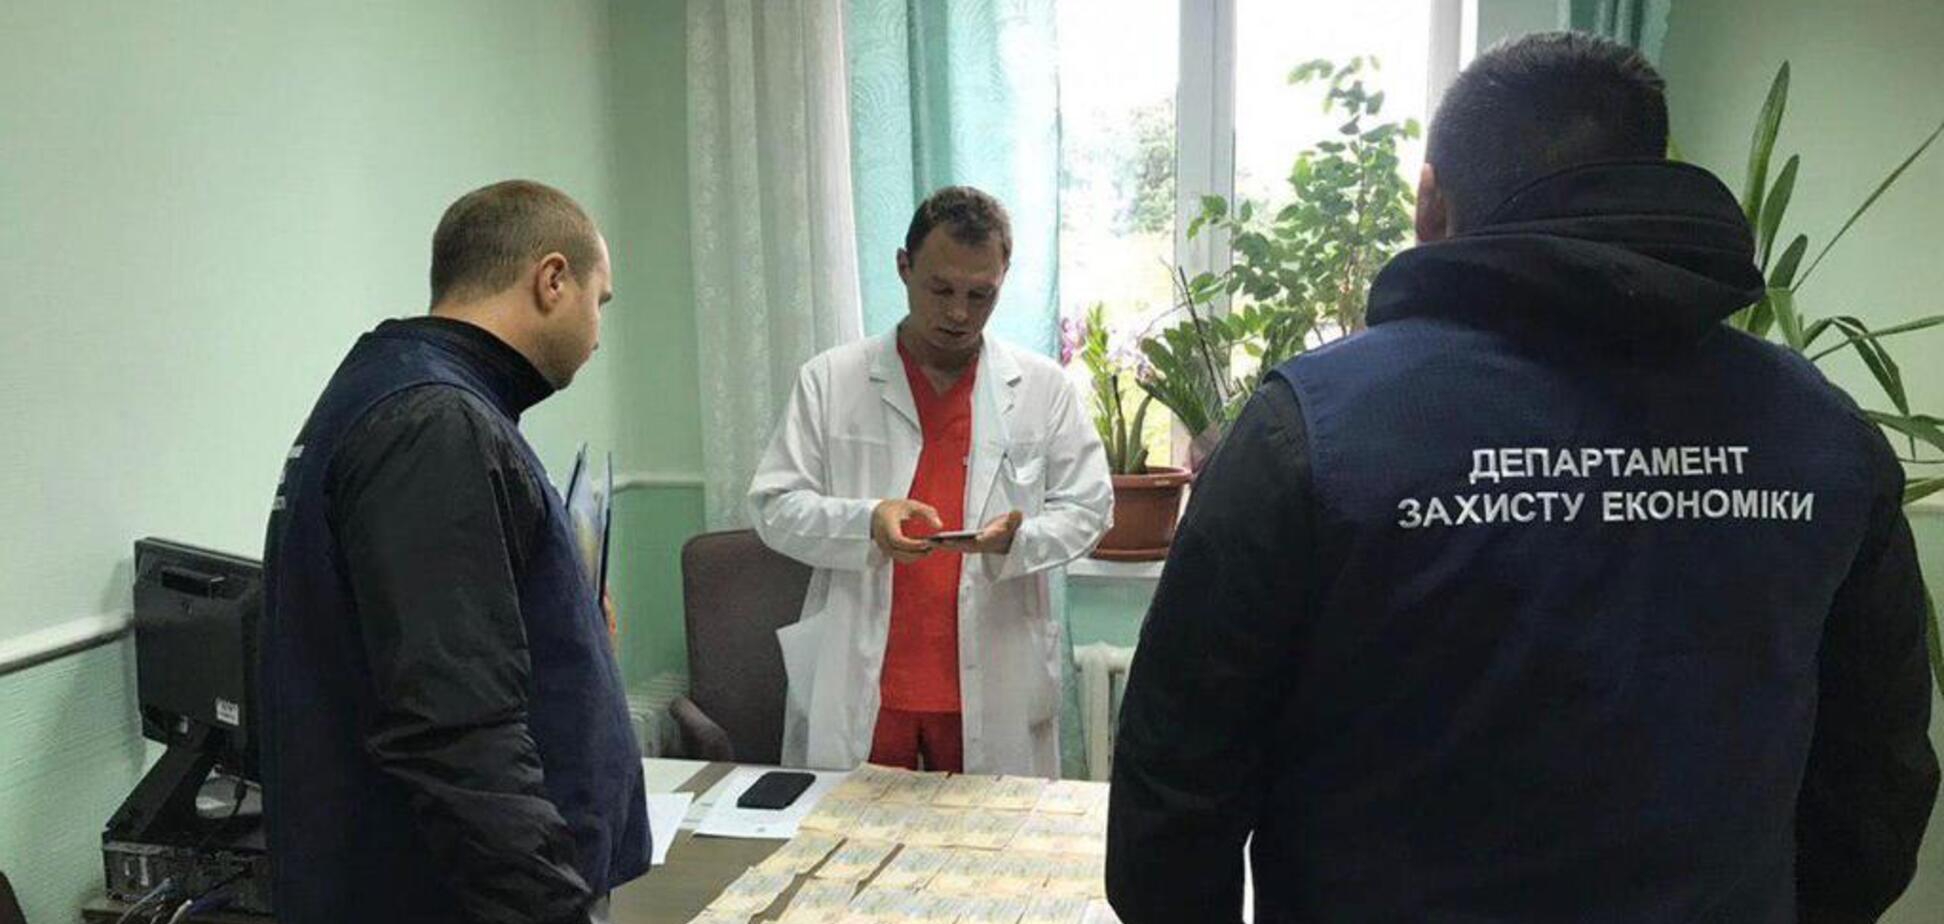 Безносенко та інші: ЗМІ повідомили, хто може стояти за злочинними схемами в Інституті раку